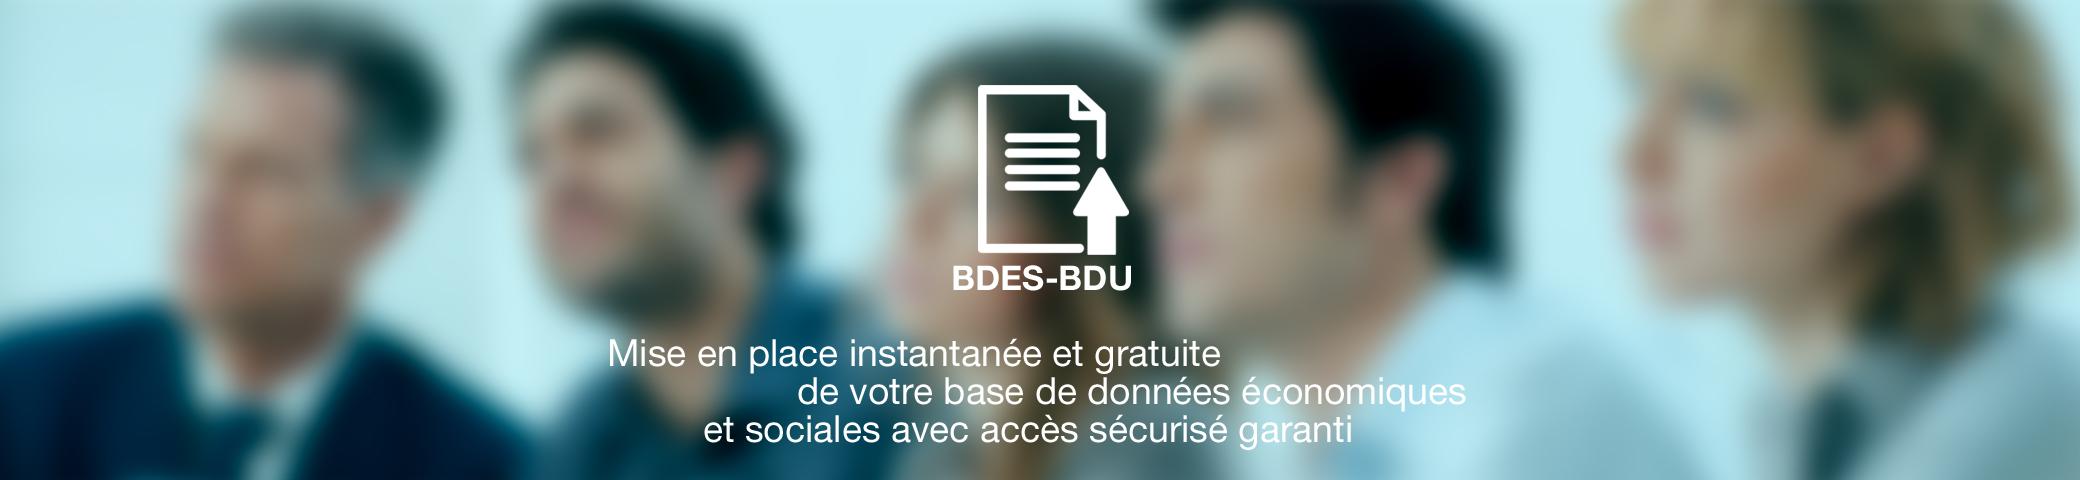 Base de données économiques et sociales instantanée, gratuite et sécurisée